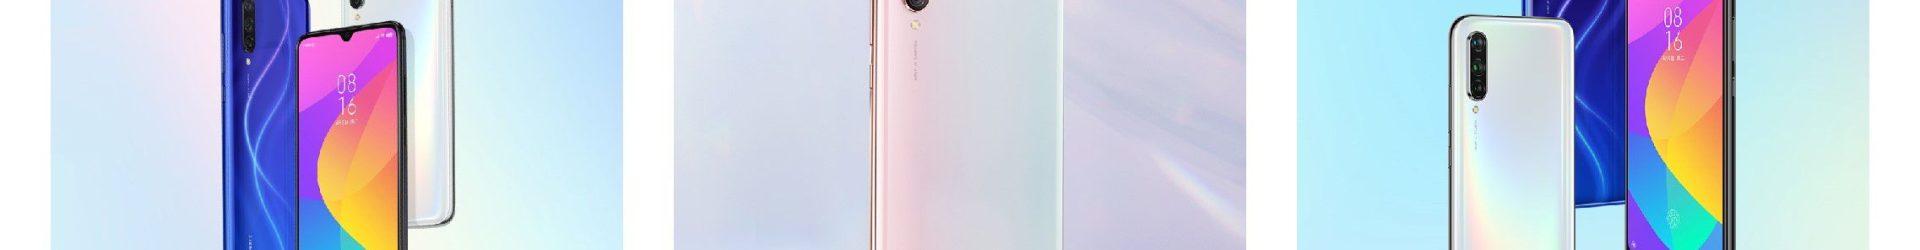 Xiaomi CC9, CC9 Meitu Custom Edition e CC9e ufficiali: i prossimi Xiaomi Mi A3 e Mi A3 Lite?